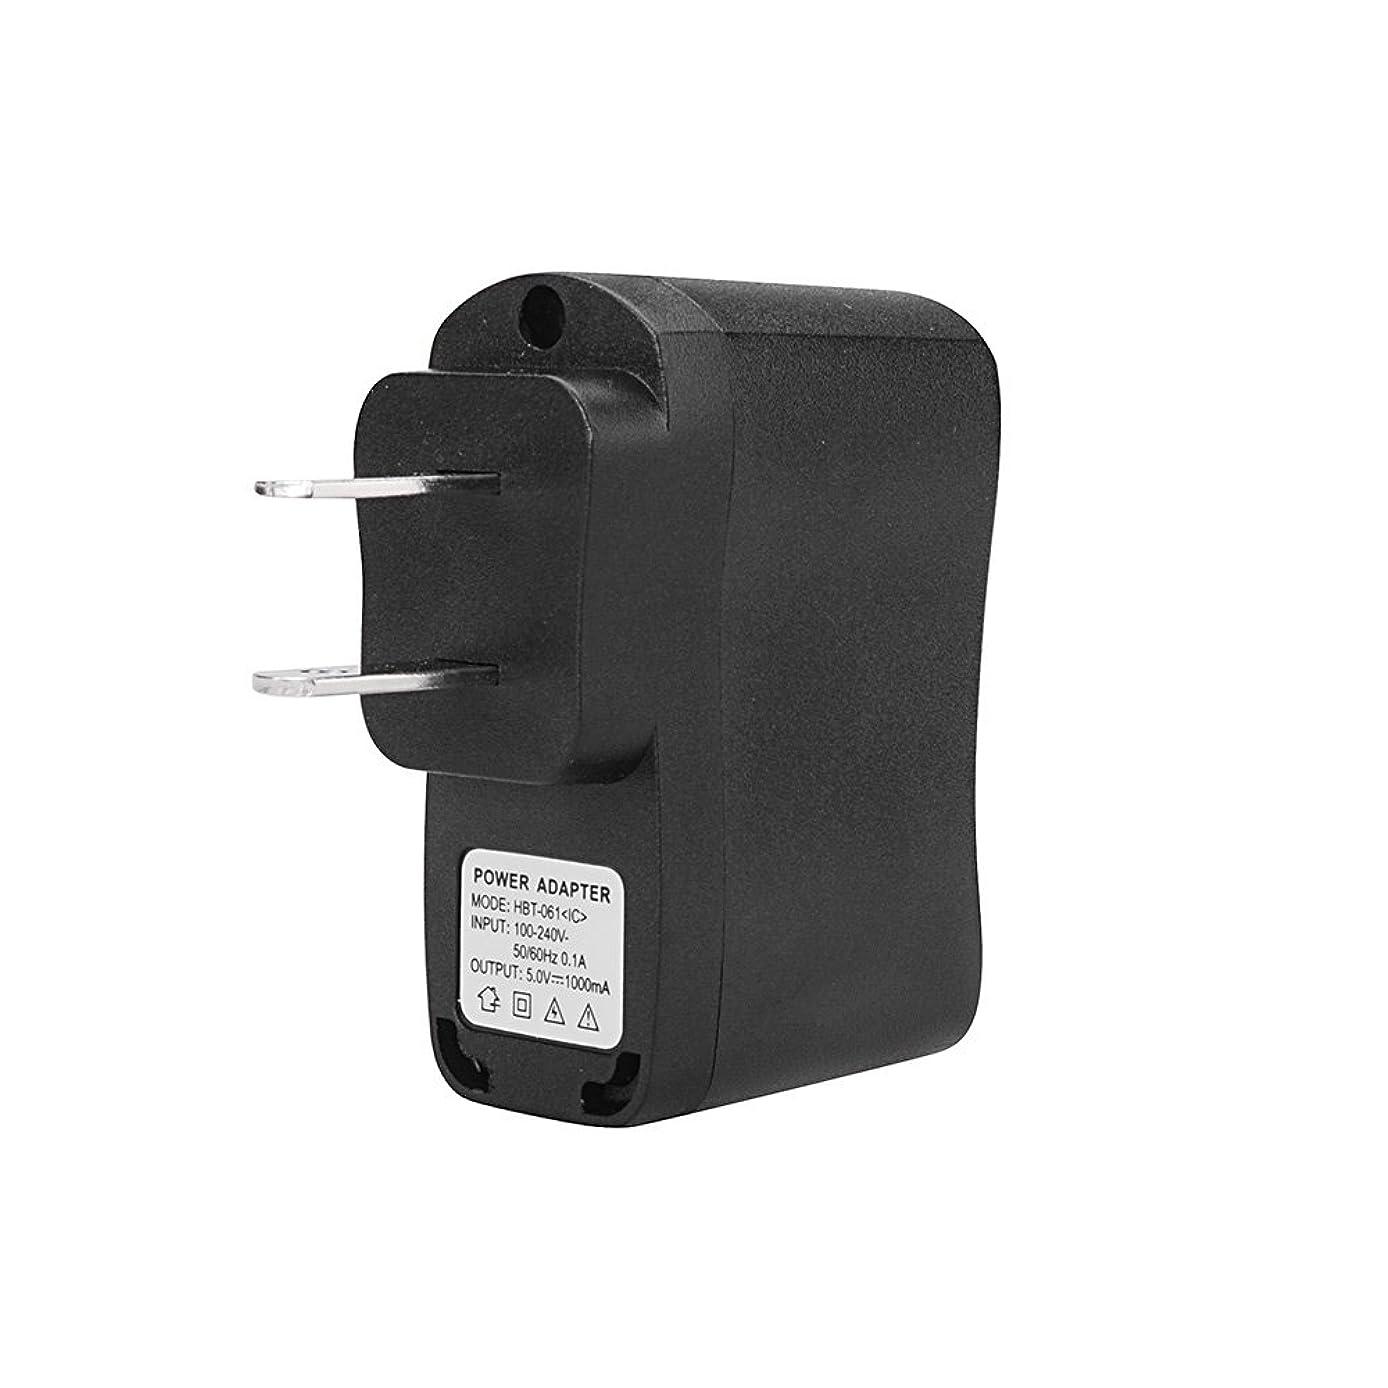 ショッピングセンター主婦十代Andoer 5V 1000mA 出力 US プラグイン 旅行用 充電器 USB電源プラグ SJ6000 SJ5000 SJ4000 小型 スポーツDV スマートフォン 携帯電話に対応 並行輸入品